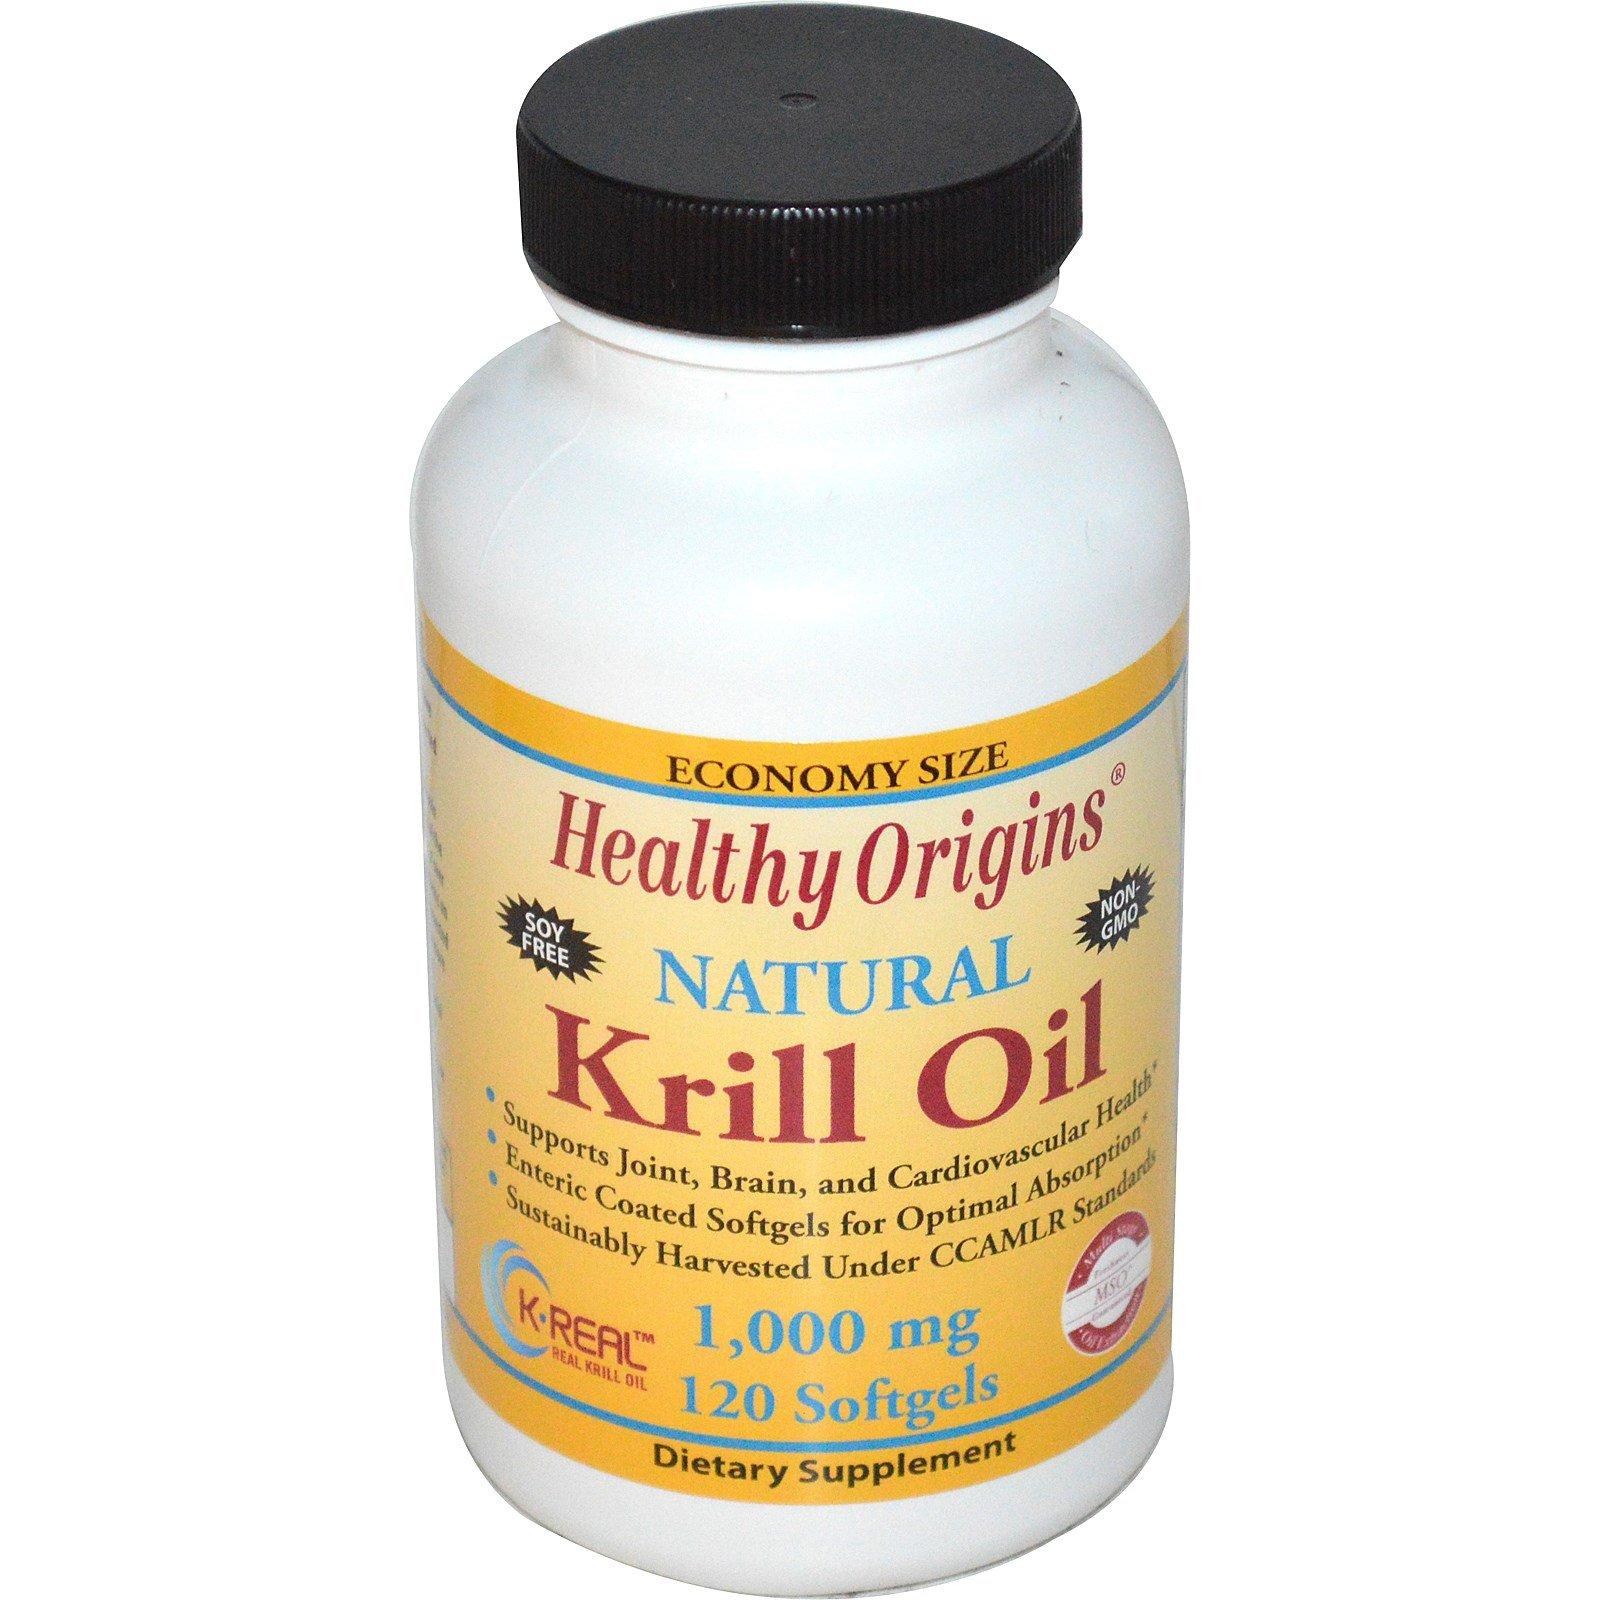 Healthy Origins, Krill Oil, Natural Vanilla Flavor, 1,000 mg, 120 Softgels - 2pc